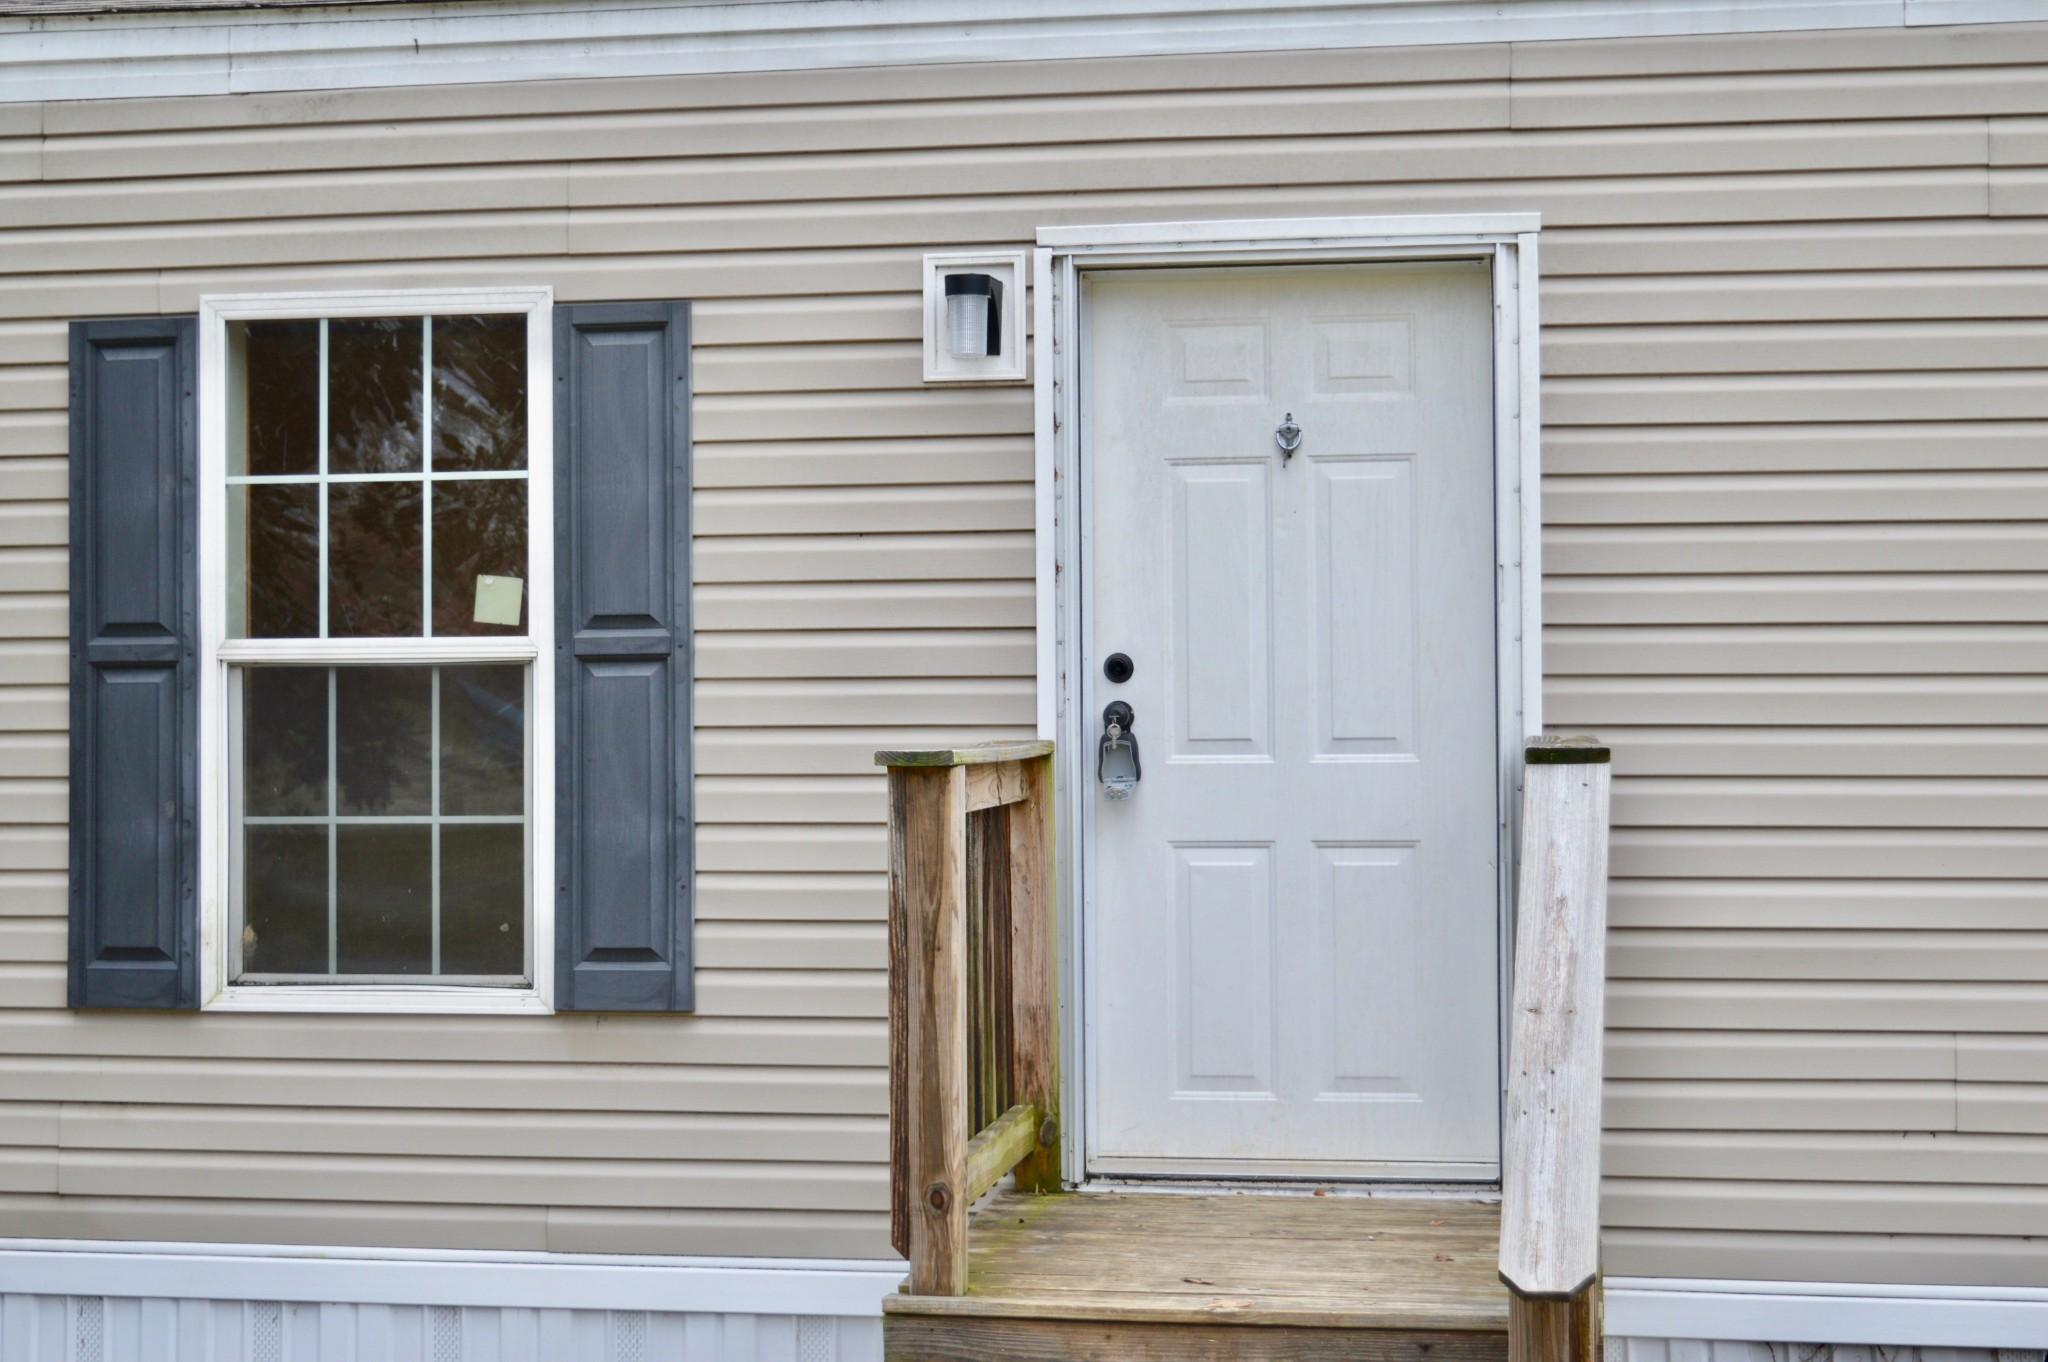 103 Methodist Ave, Huntland, TN 37345 - Huntland, TN real estate listing